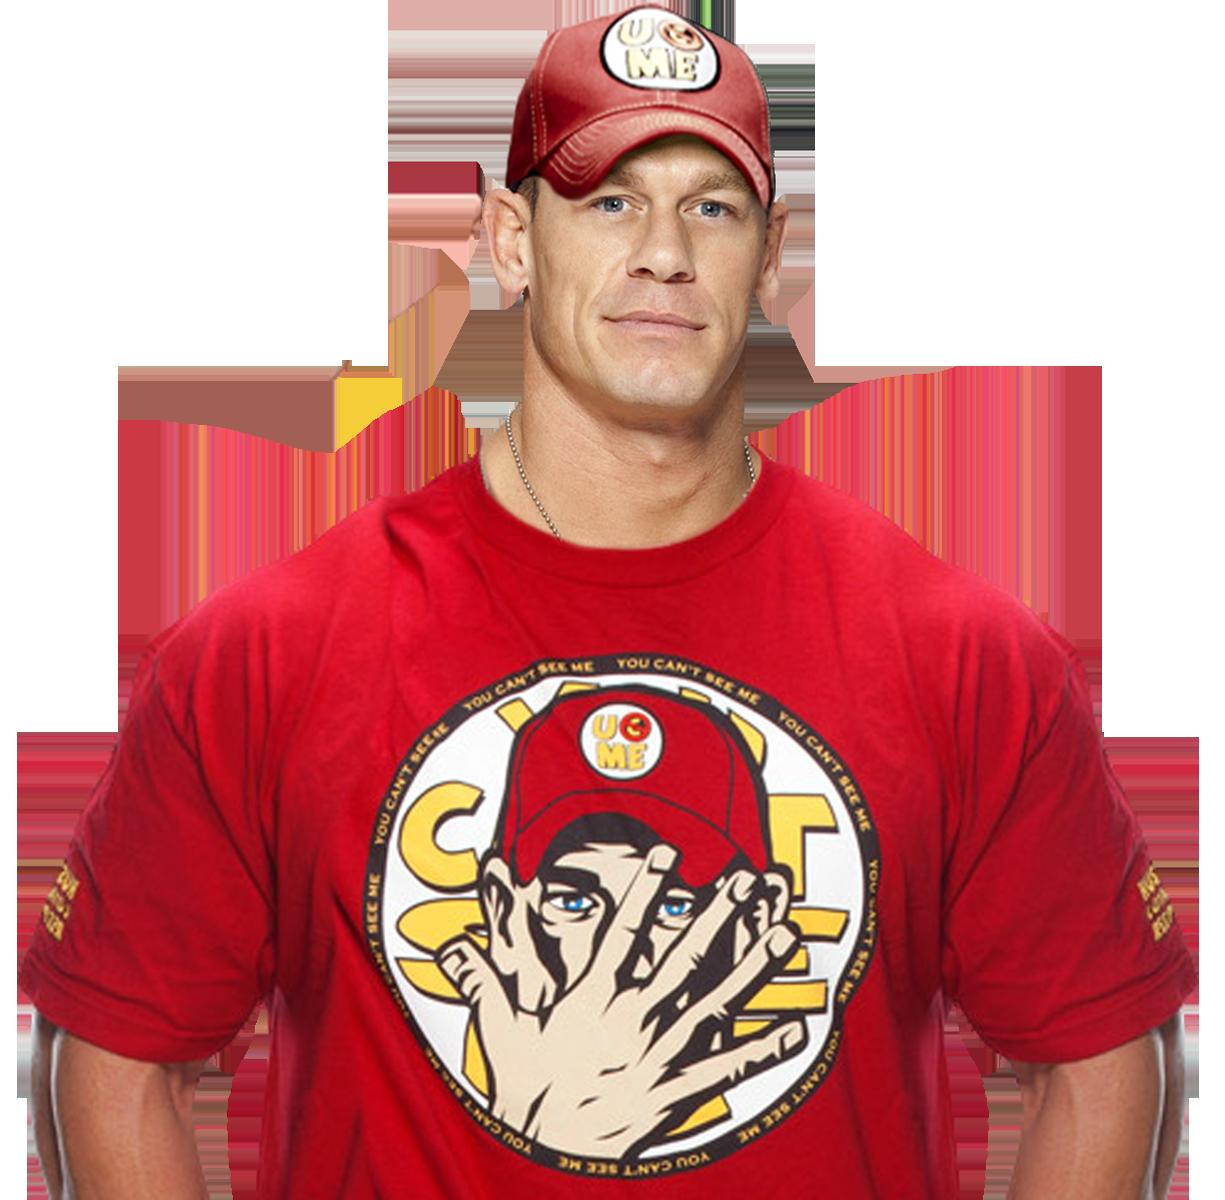 John, Wrestler John, 800 Johncenalover, Wwe Wrestling, Wwe John Cena ...